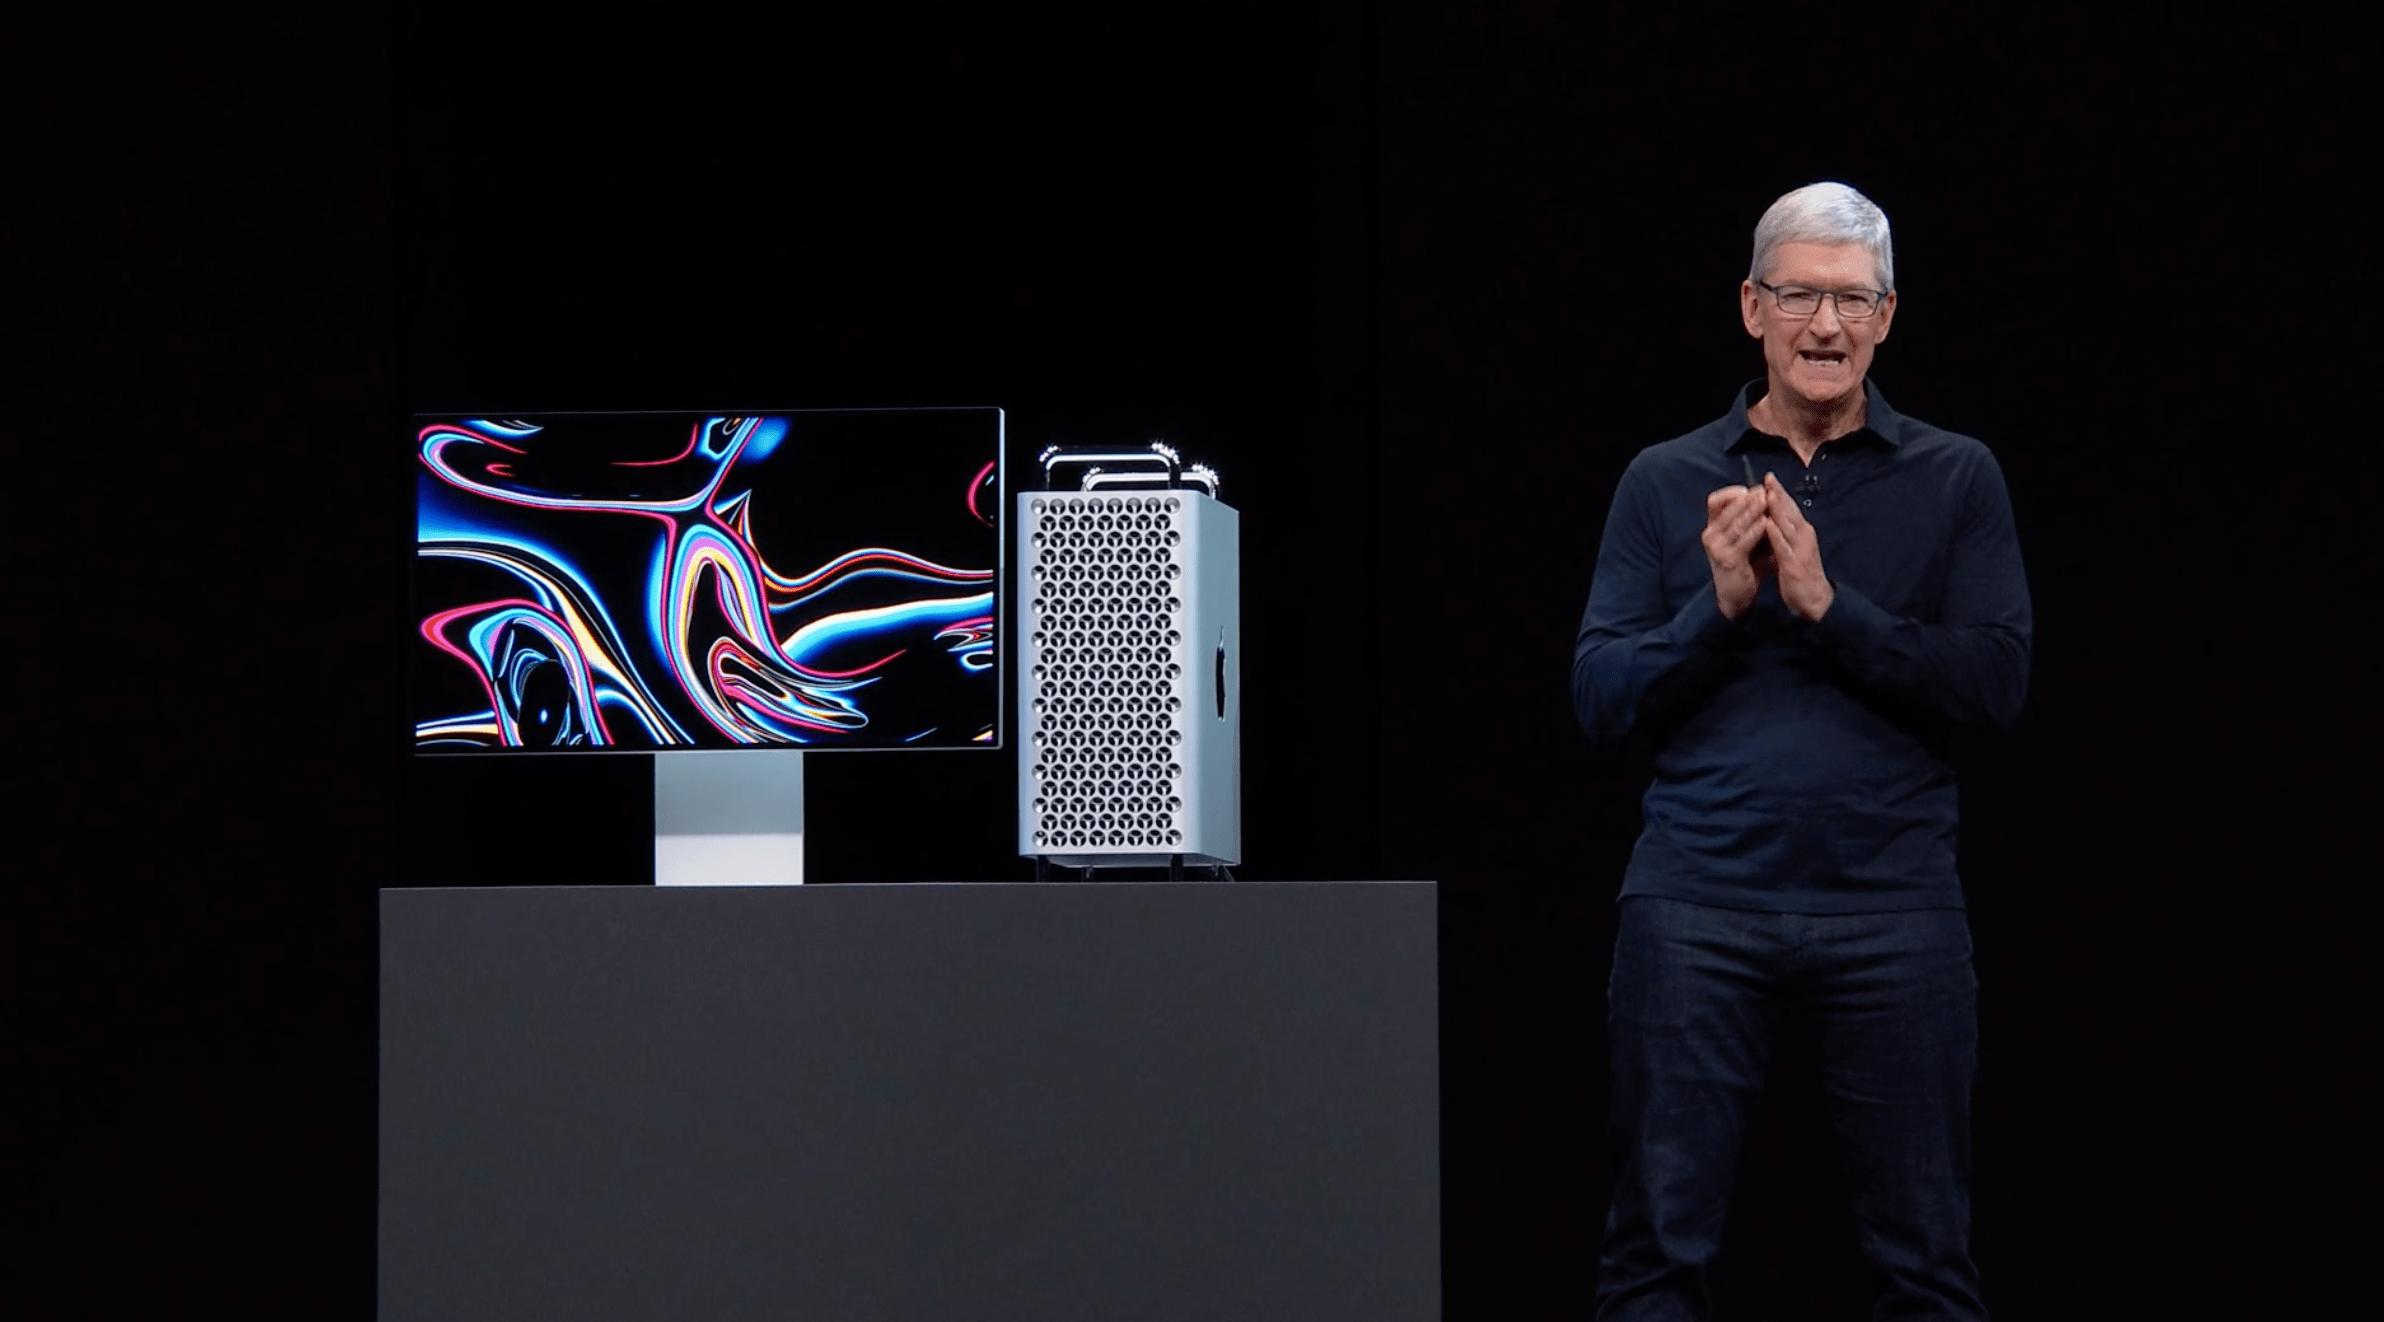 [WWDC19] Apple ra mắt Mac Pro 2019 với thiết, cơ động hơn, cấu hình siêu mạnh, giá từ 5999 USD